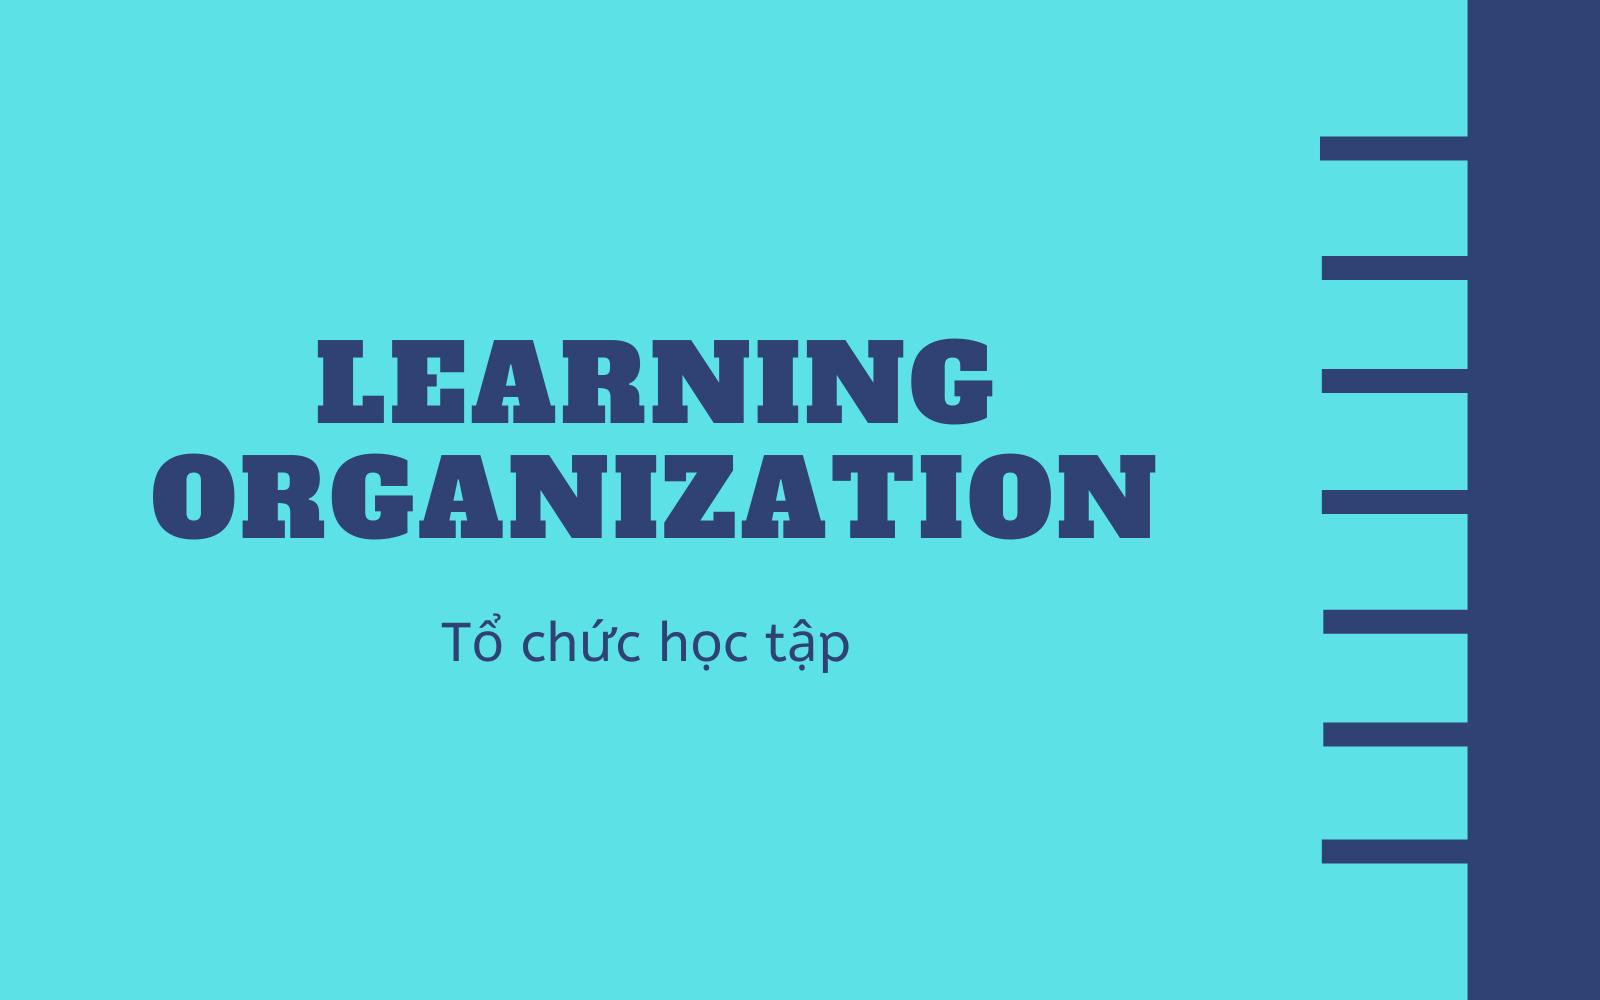 Tổ chức học tập (Learning Organization) là gì? Lợi ích của việc trở thành tổ chức học tập - Ảnh 1.